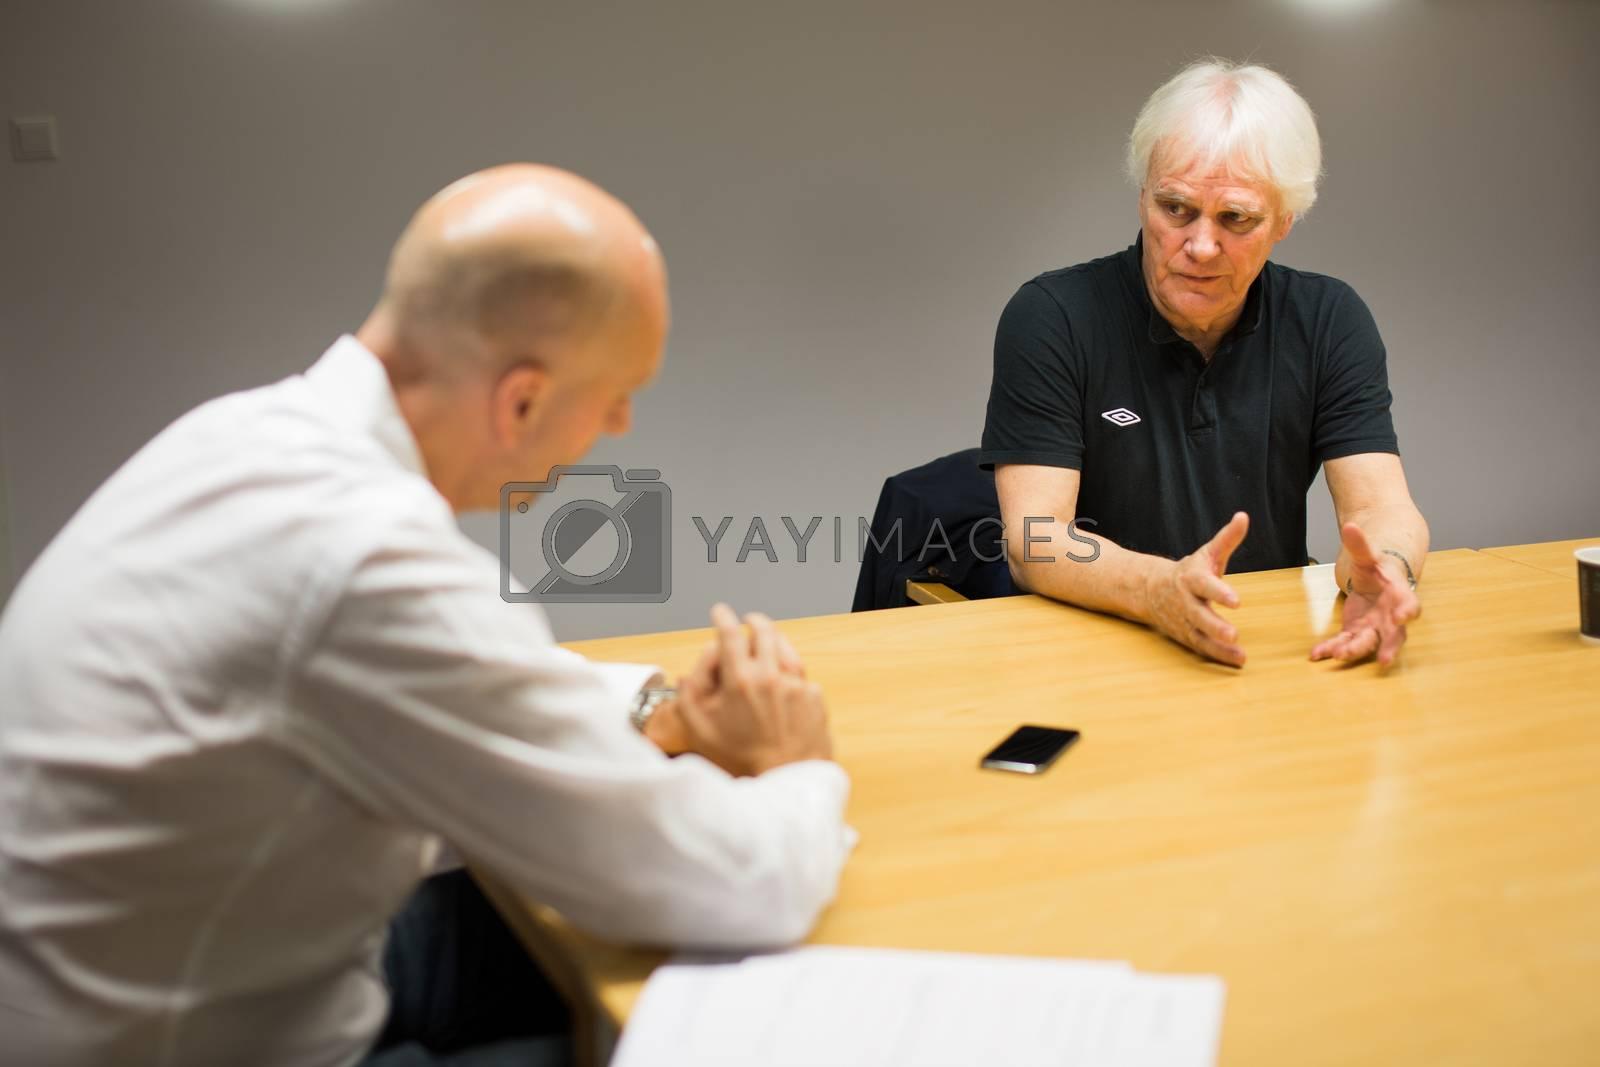 Nettavisen møter Bækkelaget-leder og Norway Cup-general Frode Kyvåg til Det store intervjuet (DSI). I 2015 går han av som Bækkelaget-leder.